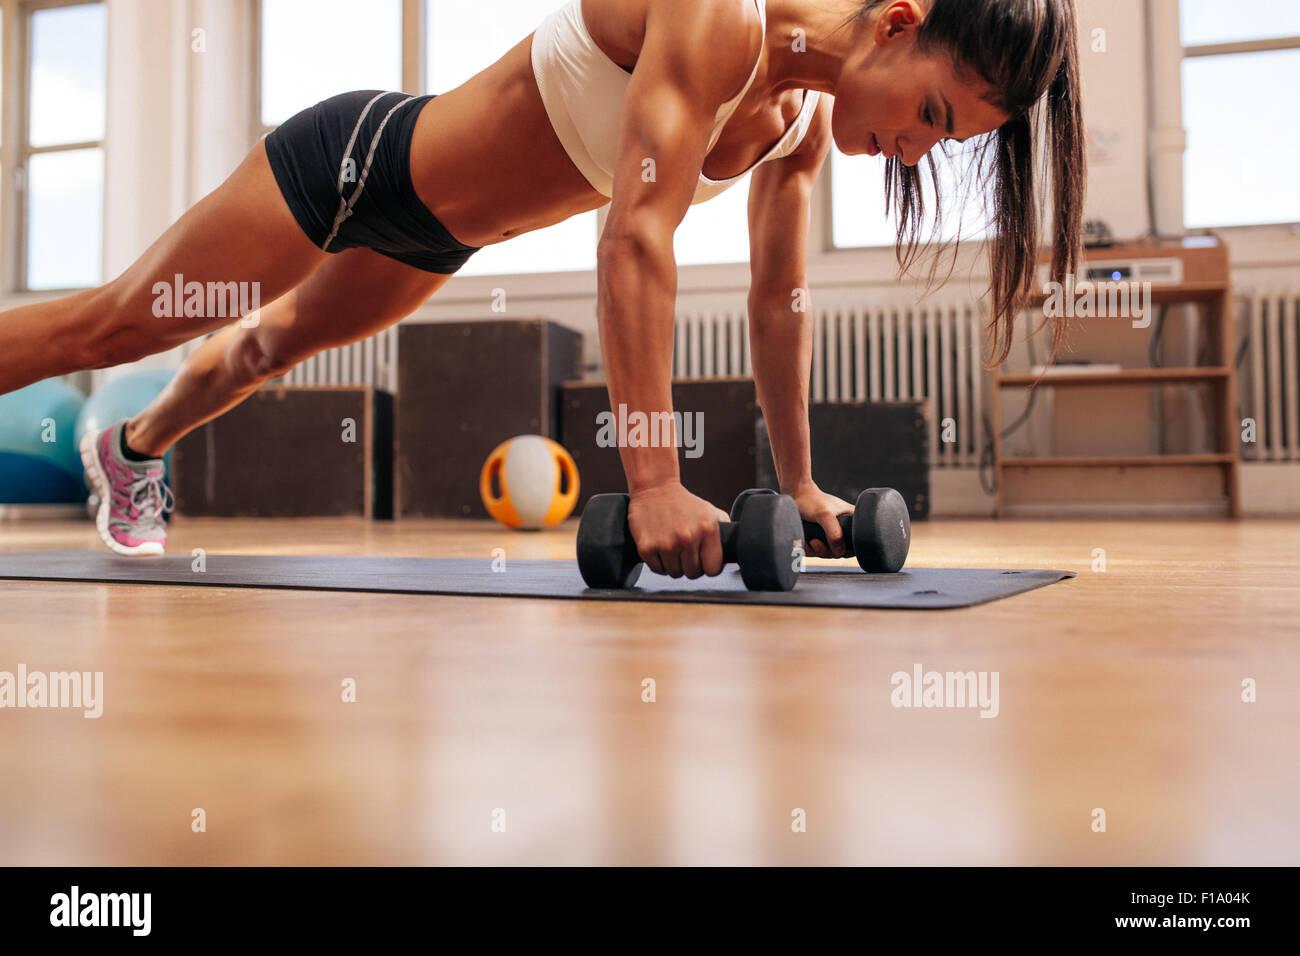 Strong woman pousées exercice avec haltères courtes sur un tapis de yoga. Ce modèle de remise en Photo Stock